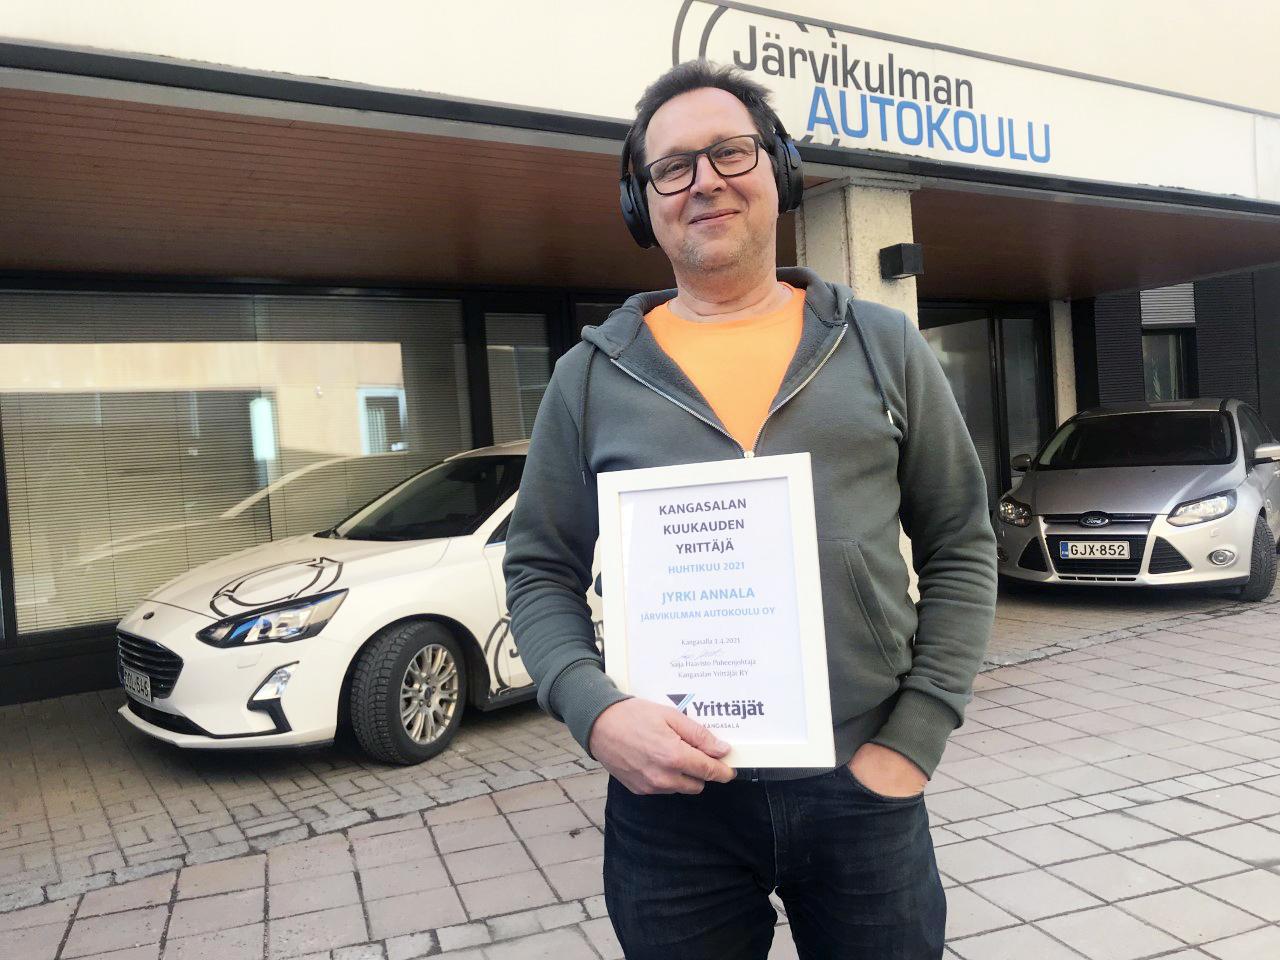 Huhtikuun 2021 Kangasalan Yrittäjä Jyrki Annala Järvikulman Autokoulusta. Kuva & konsepti: Harjula Production Ltd